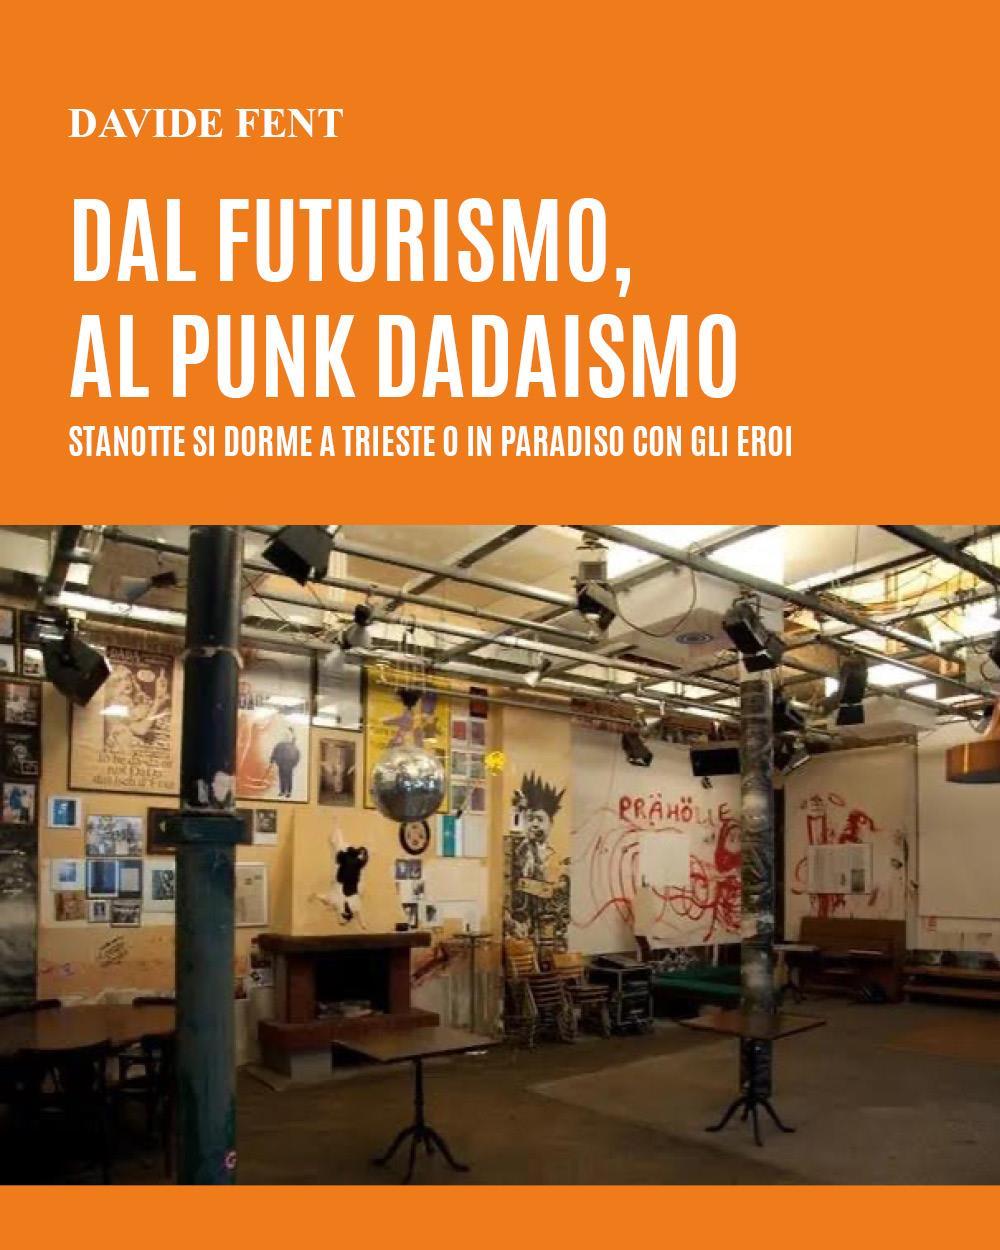 Dal futurismo, al punk dadaismo. Stanotte si dorme a Trieste o in paradiso con gli eroi